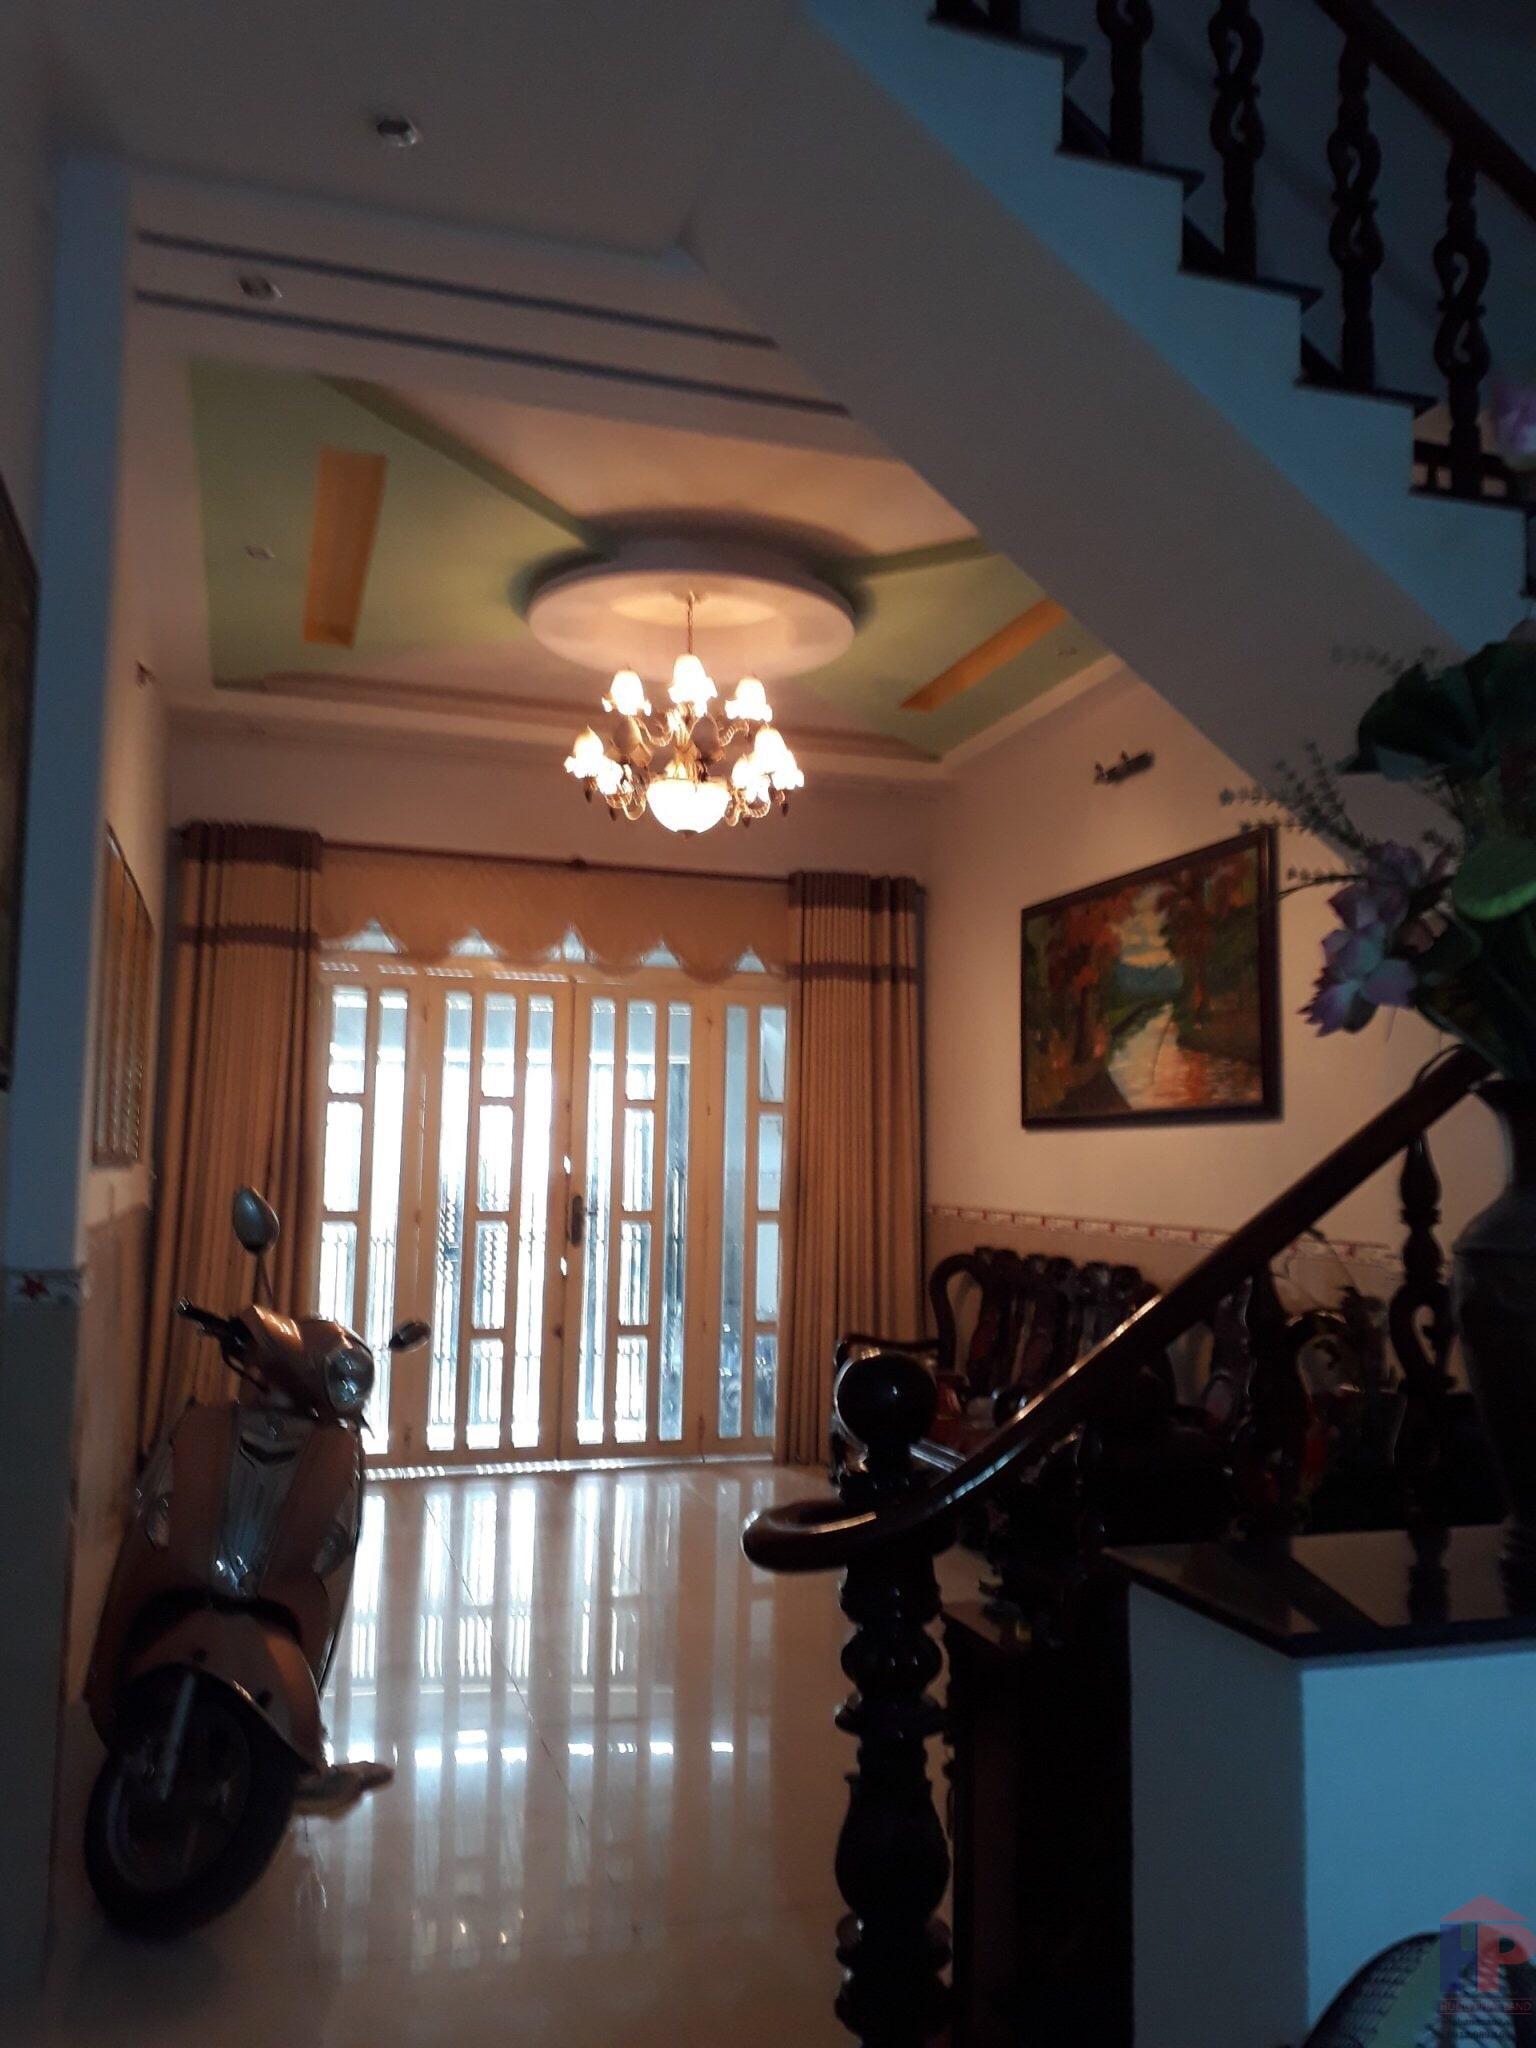 Bán nhà hẻm 749 Huỳnh Tấn Phát Quận 7, trệt – 2 lầu, DT 4x17m, giá 6.5 tỷ